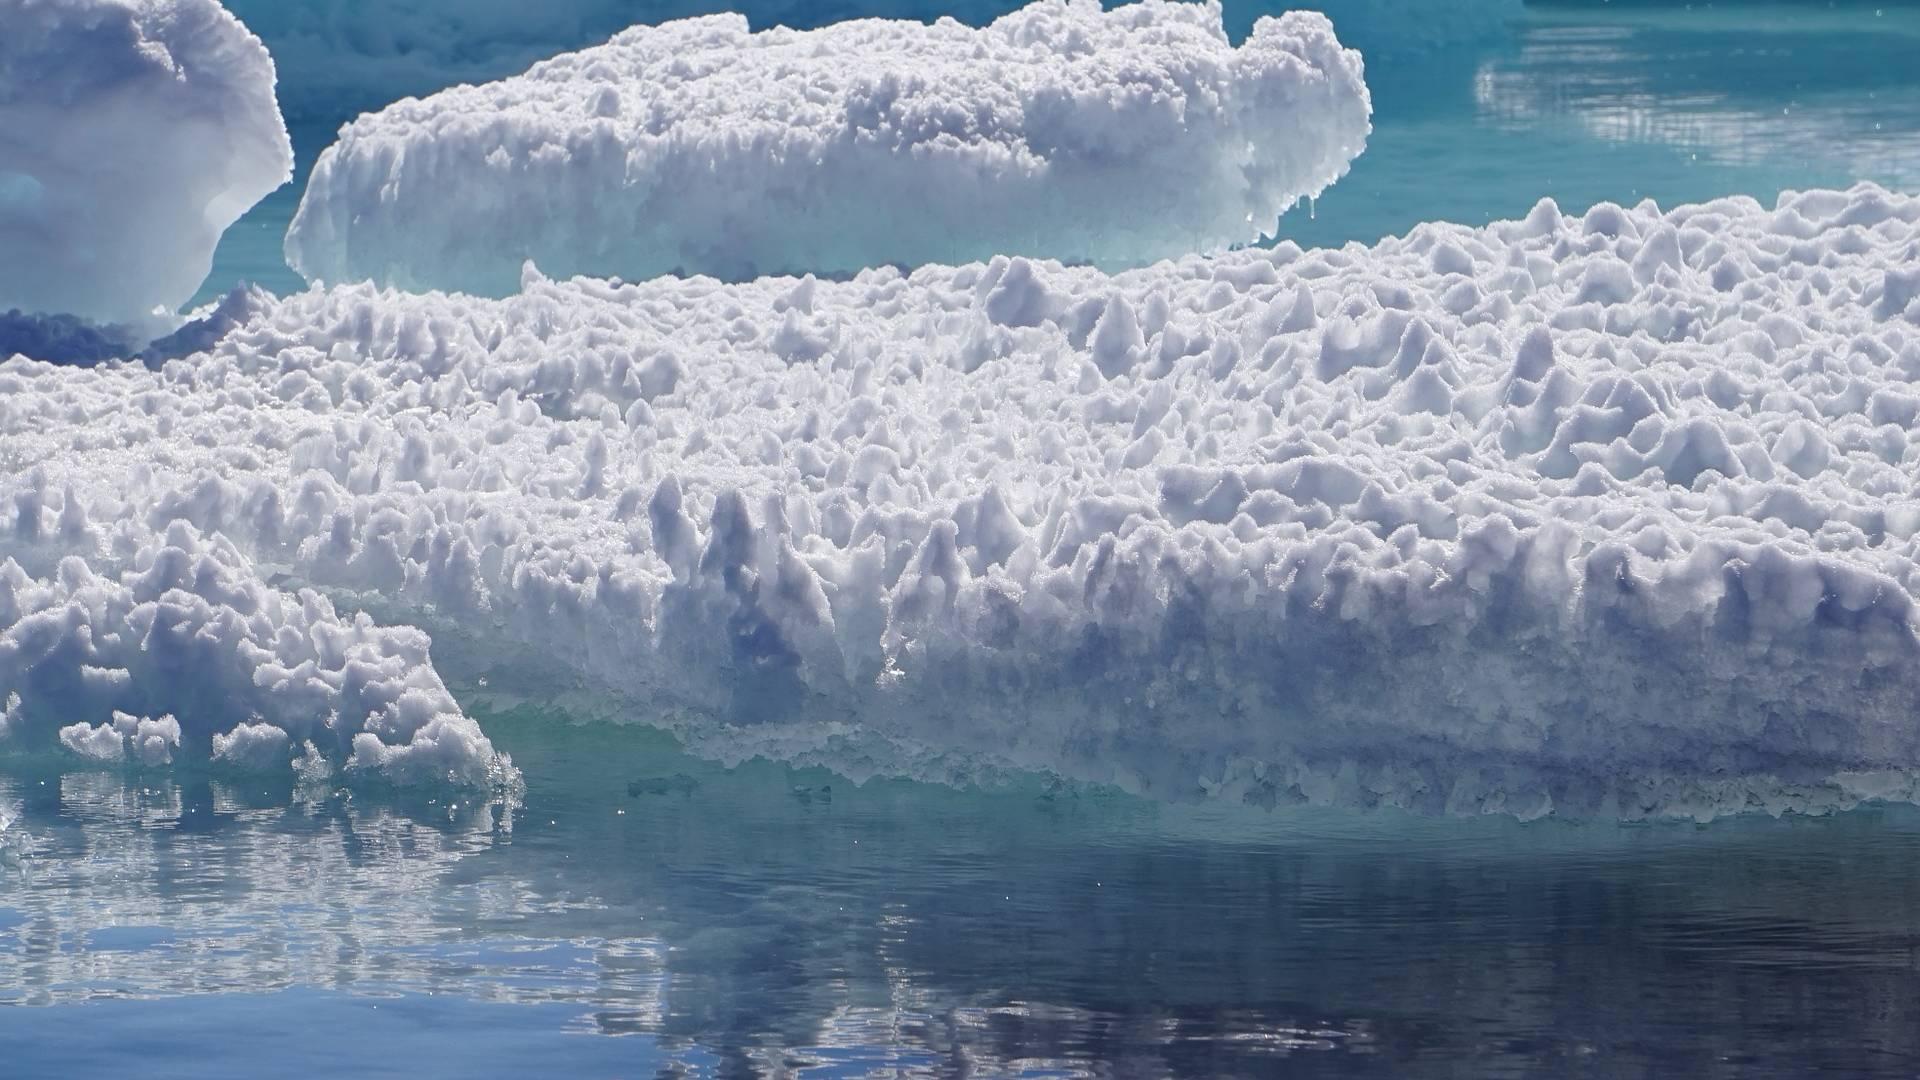 Eine beunruhigende Entdeckung unter den Thwaites-Gletscher